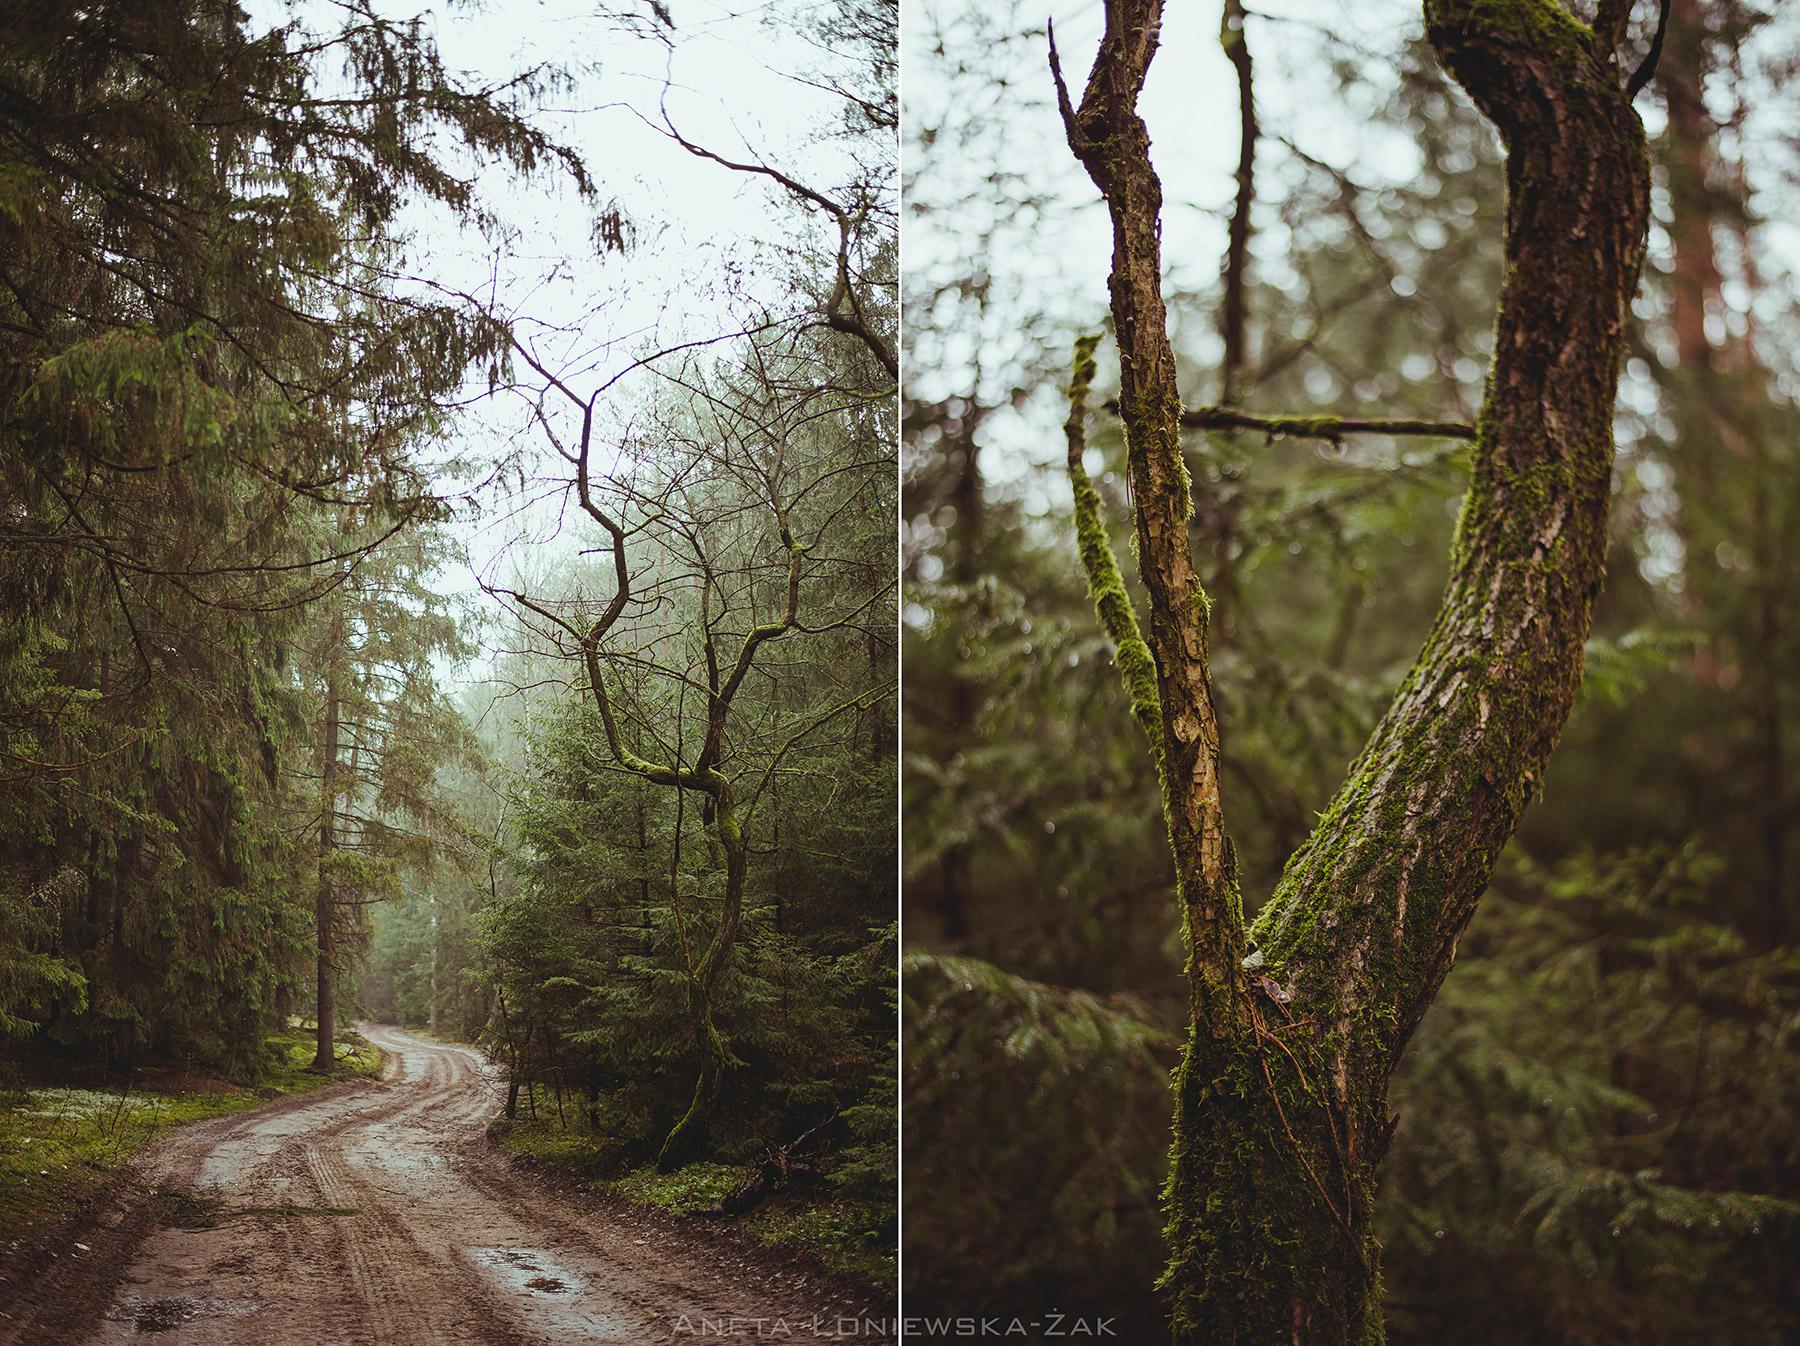 fotografia przyrodnicza, puszcza knyszyńska, podlasie, pkpk, nadleśnictwo dojlidy droga